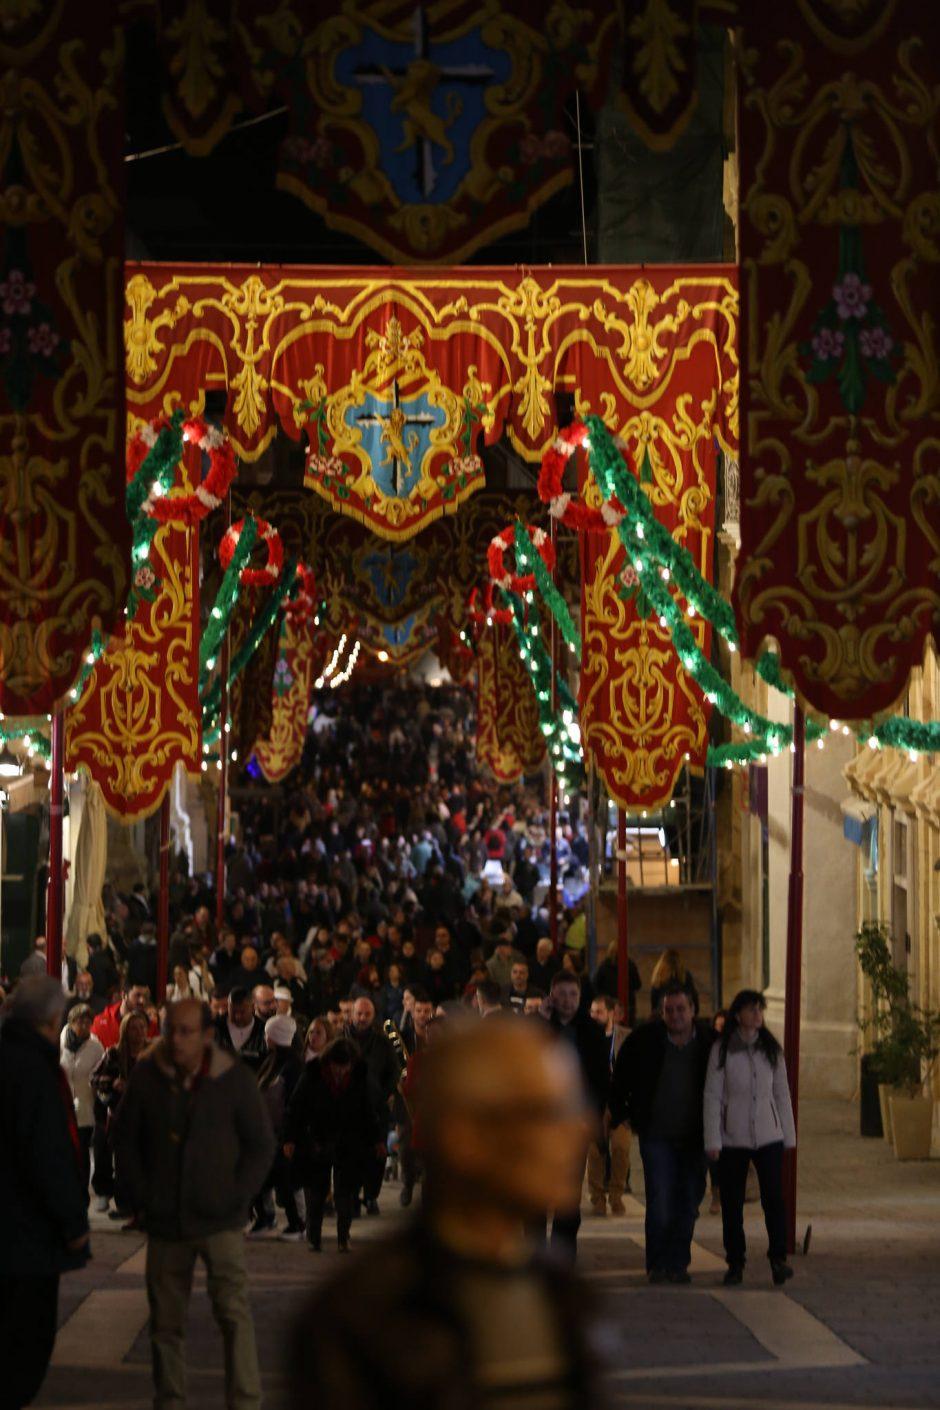 Įspūdžių kultūros sostinės programai sėmėsi Valetoje